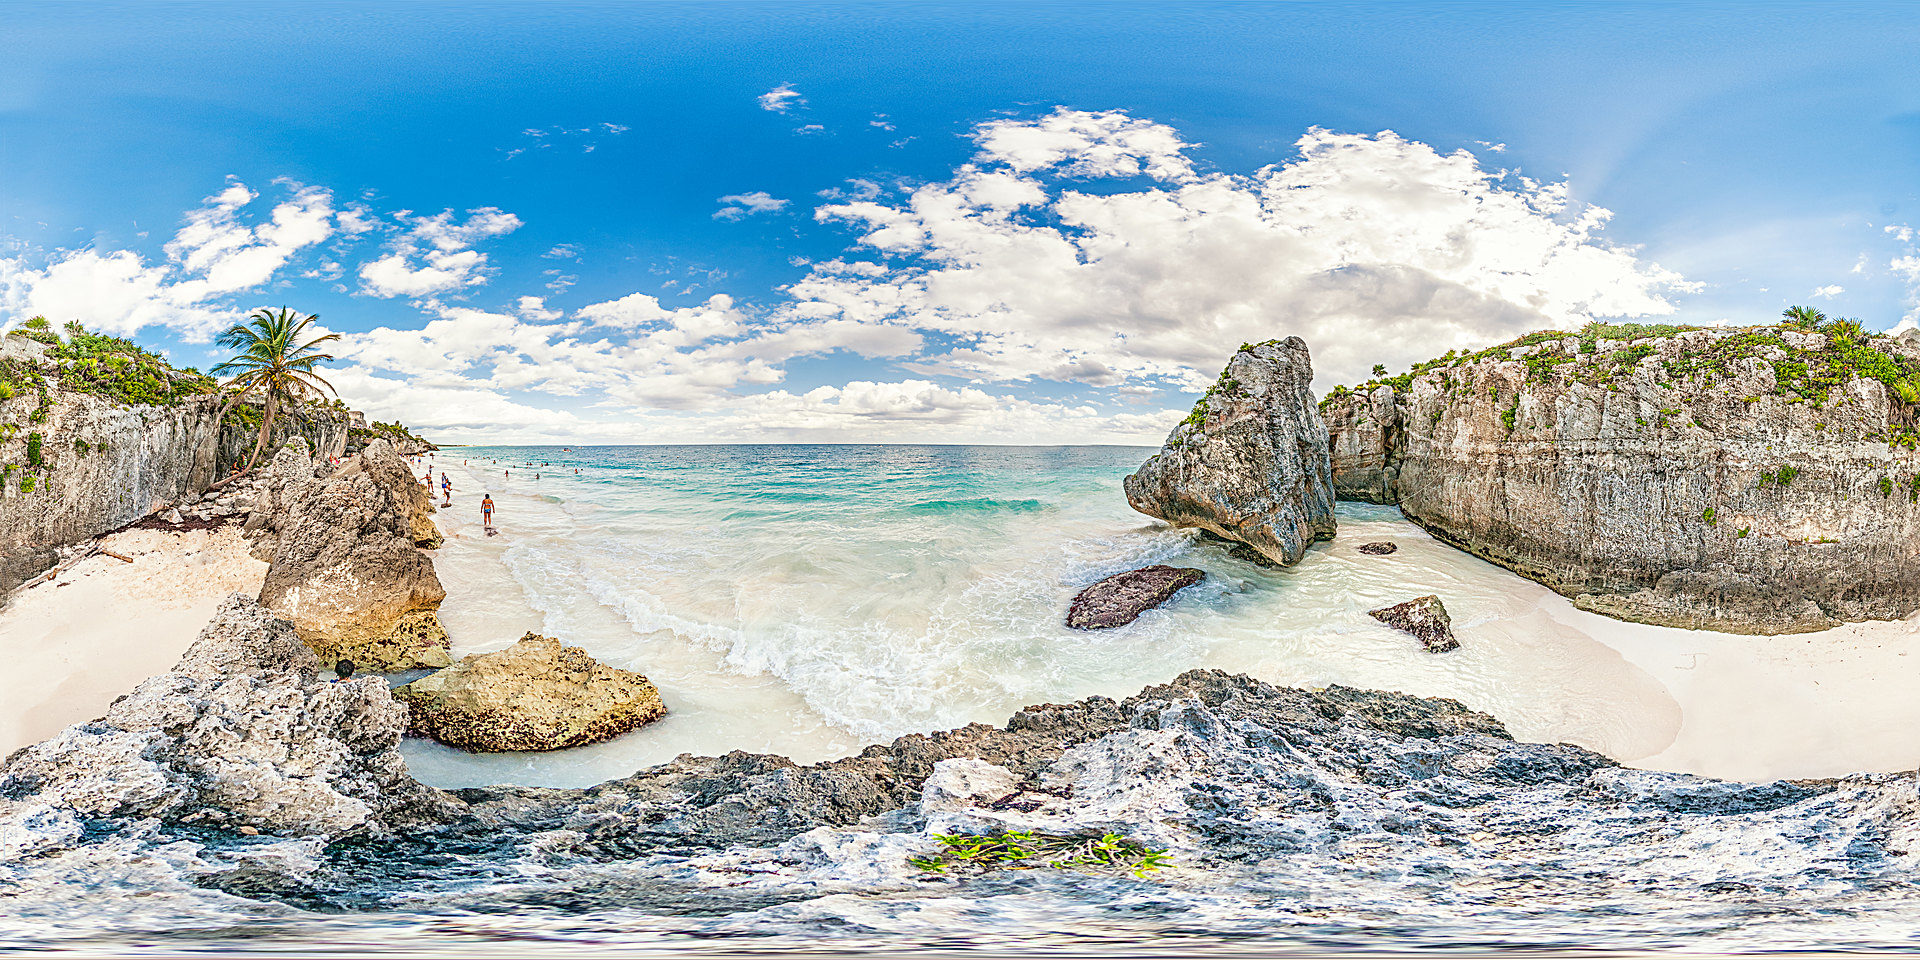 Der Strand von Tulum